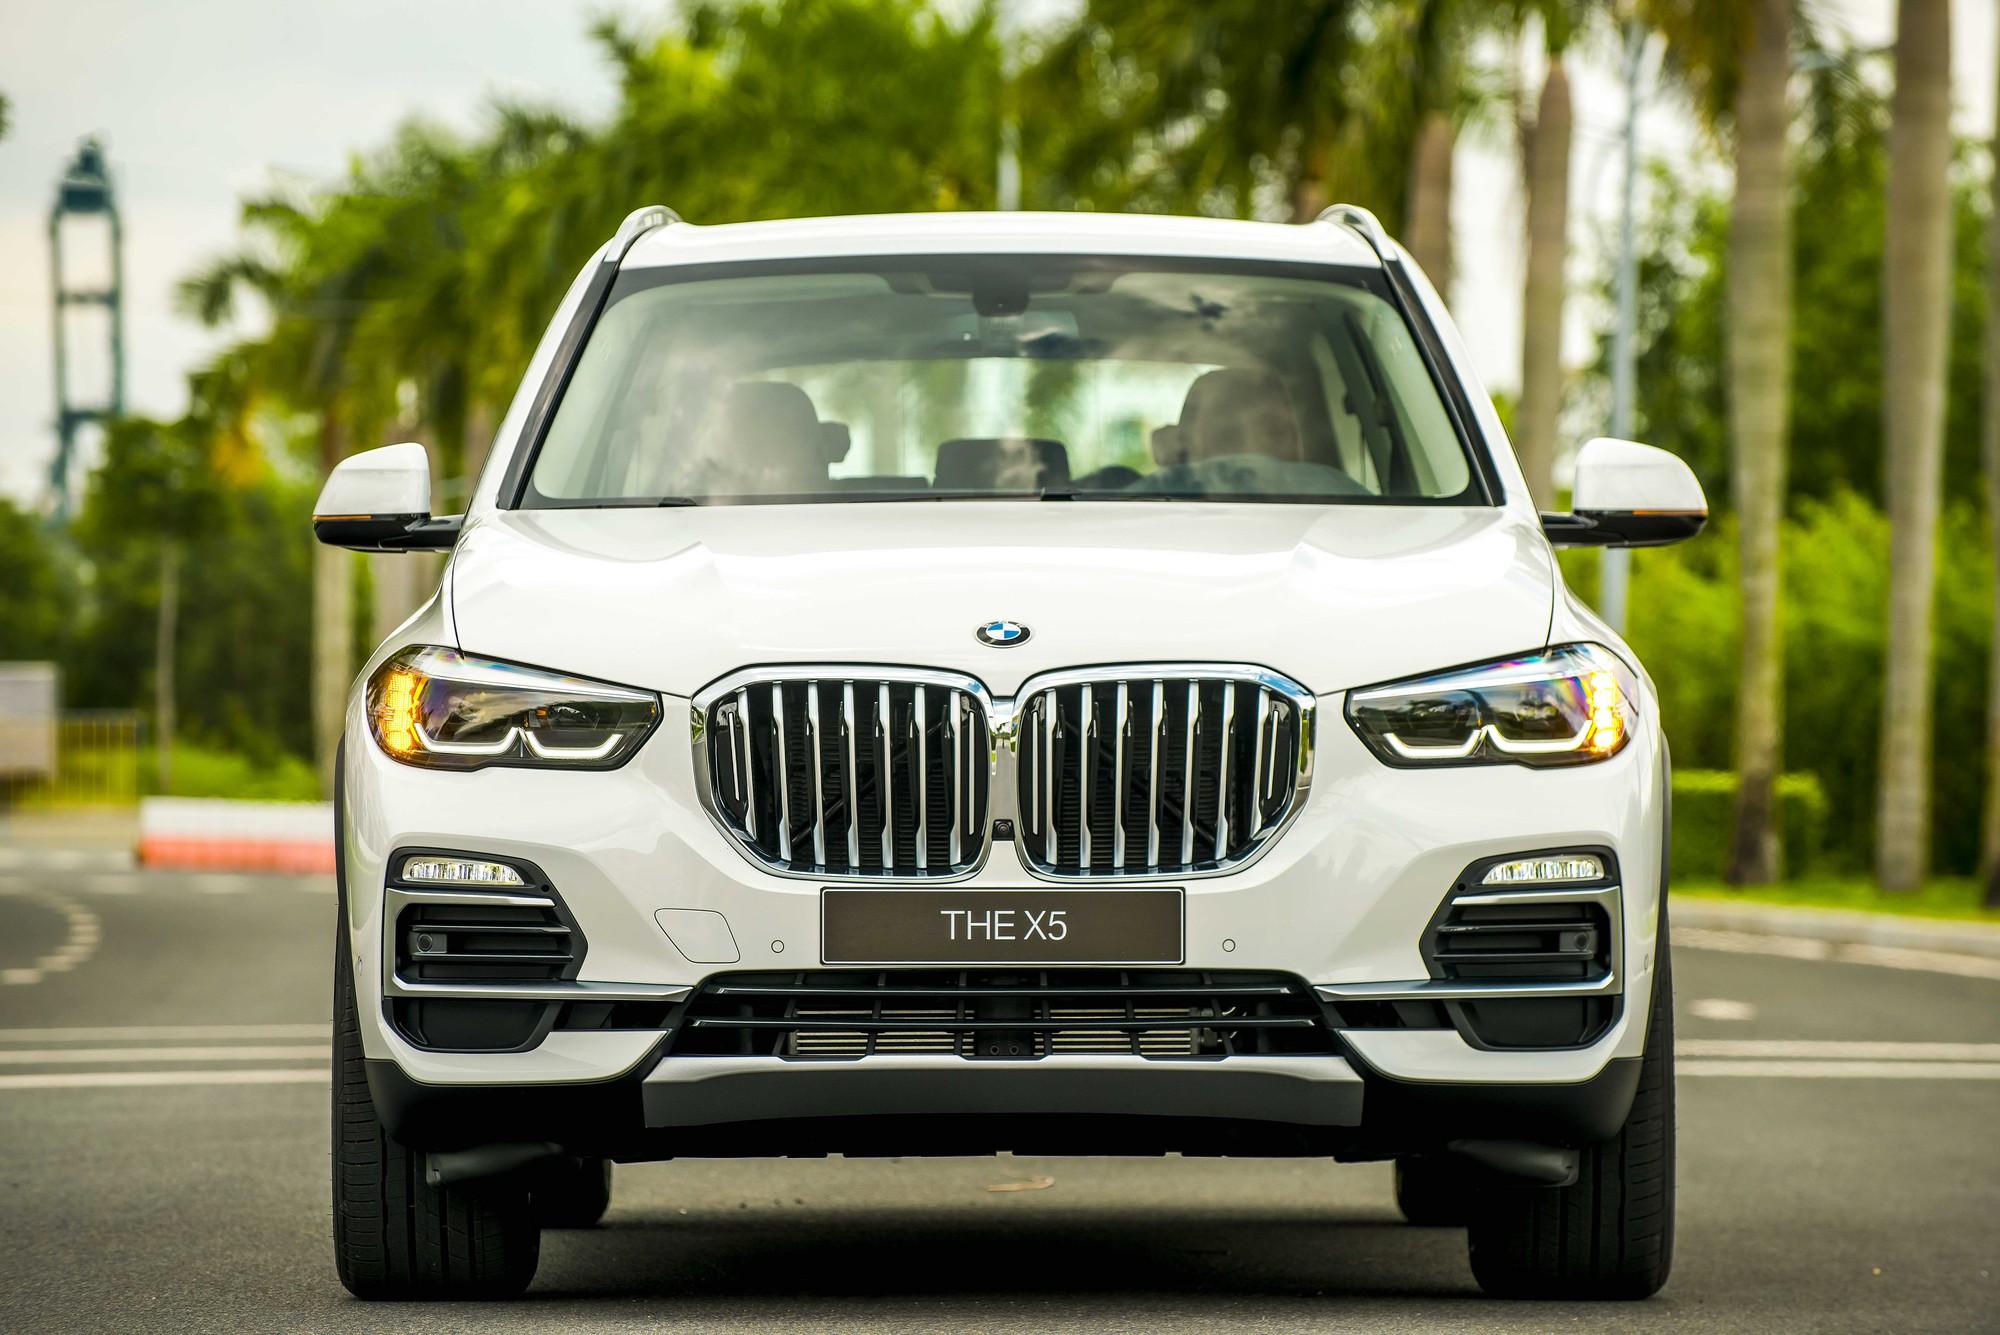 BMW X5 tại thị trường Việt Nam hiện có giá bán 4,099 tỷ đồng.